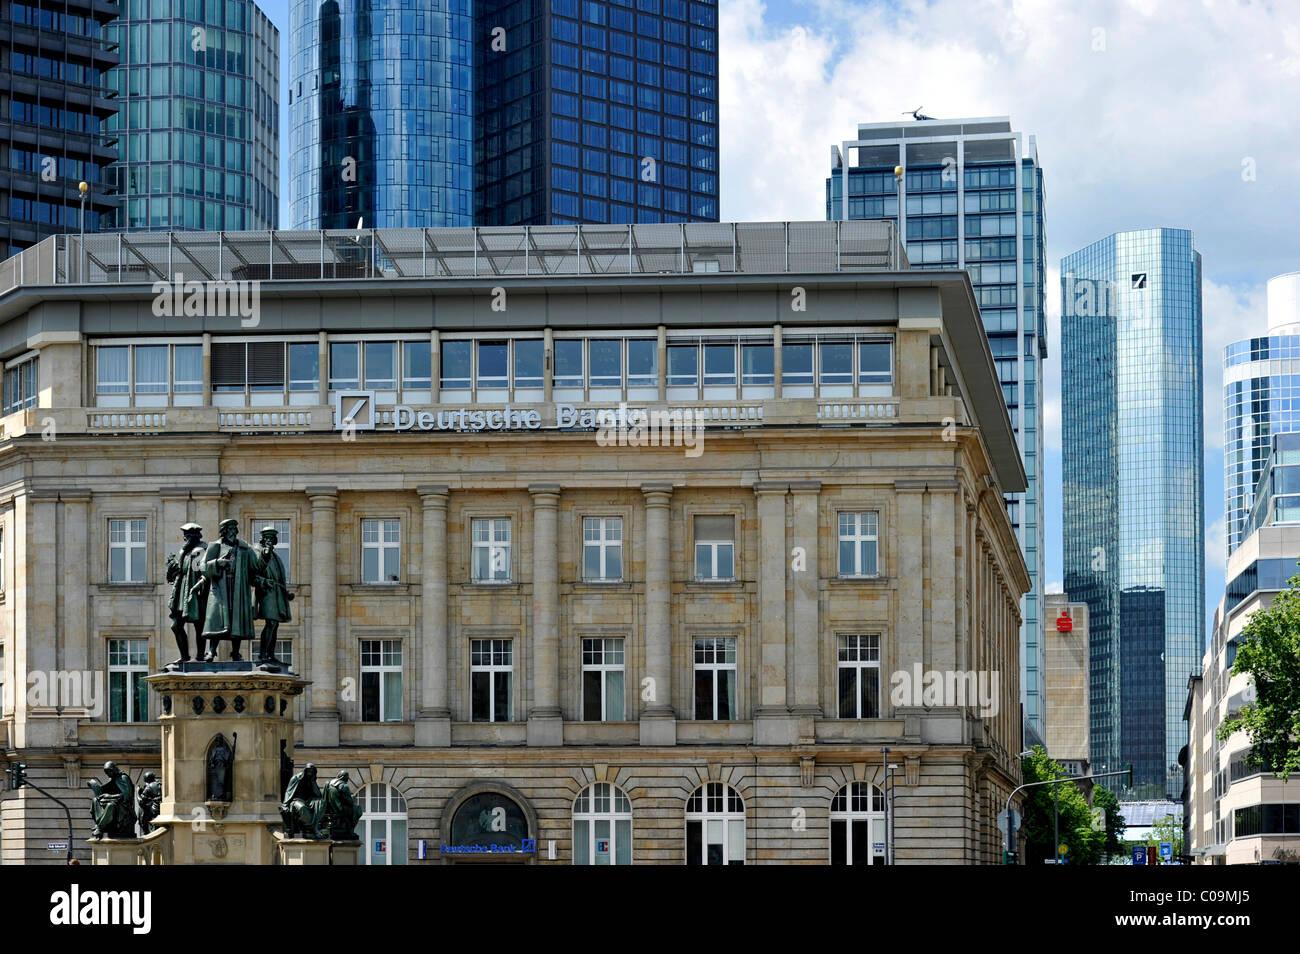 Johannes Gutenberg monument, branch of the Deutsche Bank German bank, and skyscraper headquarters of the Deutsche - Stock Image